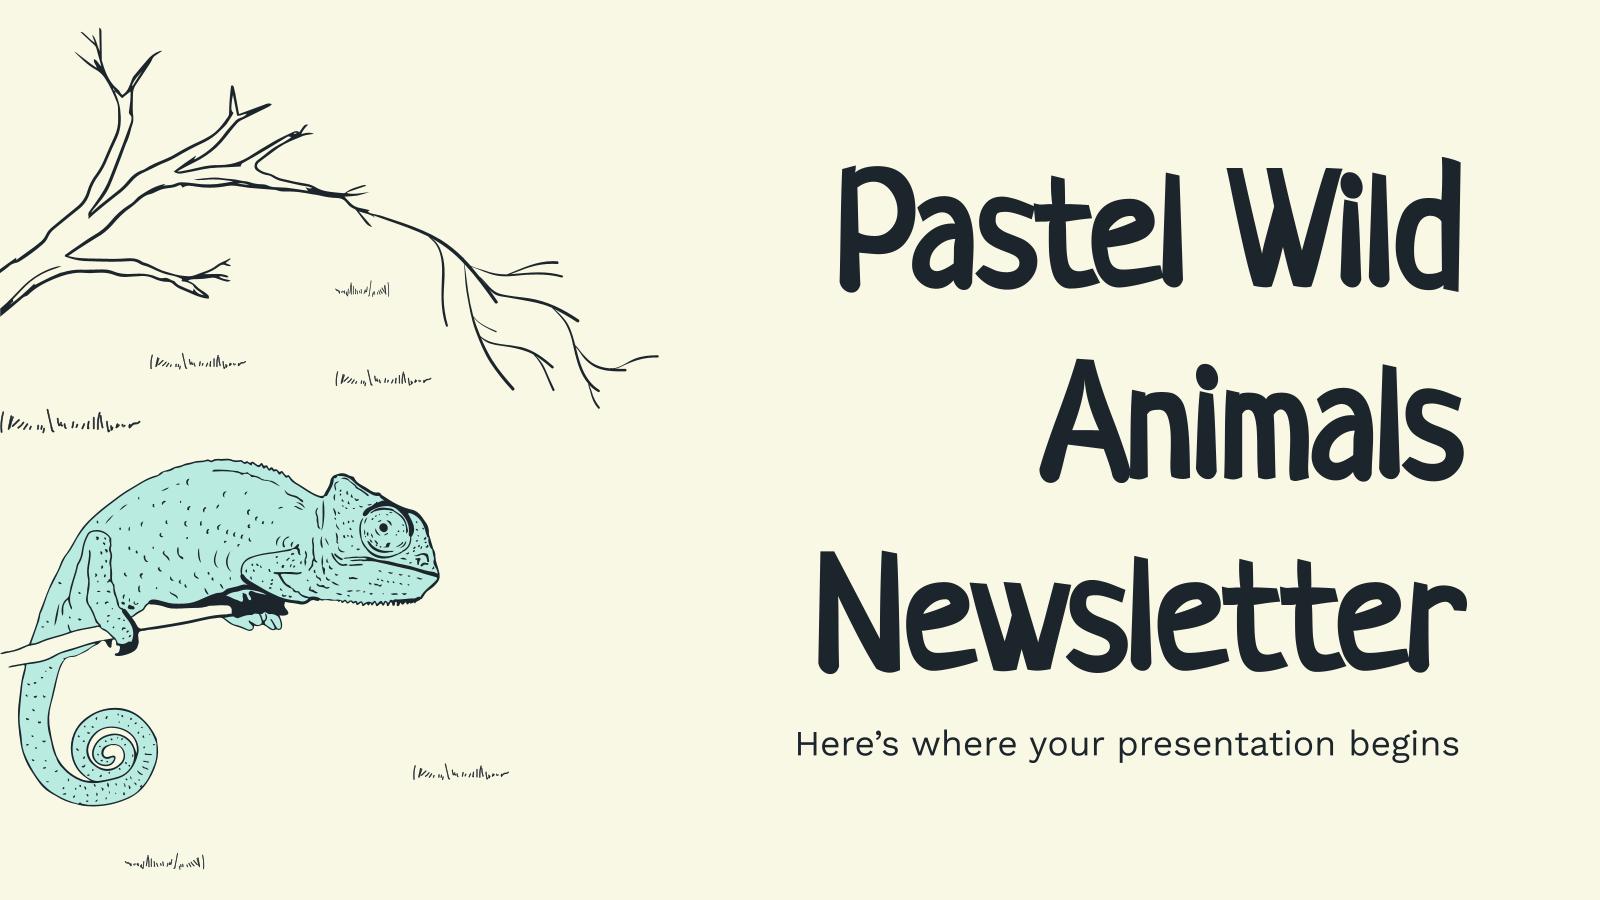 Newsletter sur les animaux sauvages : Modèles de présentation